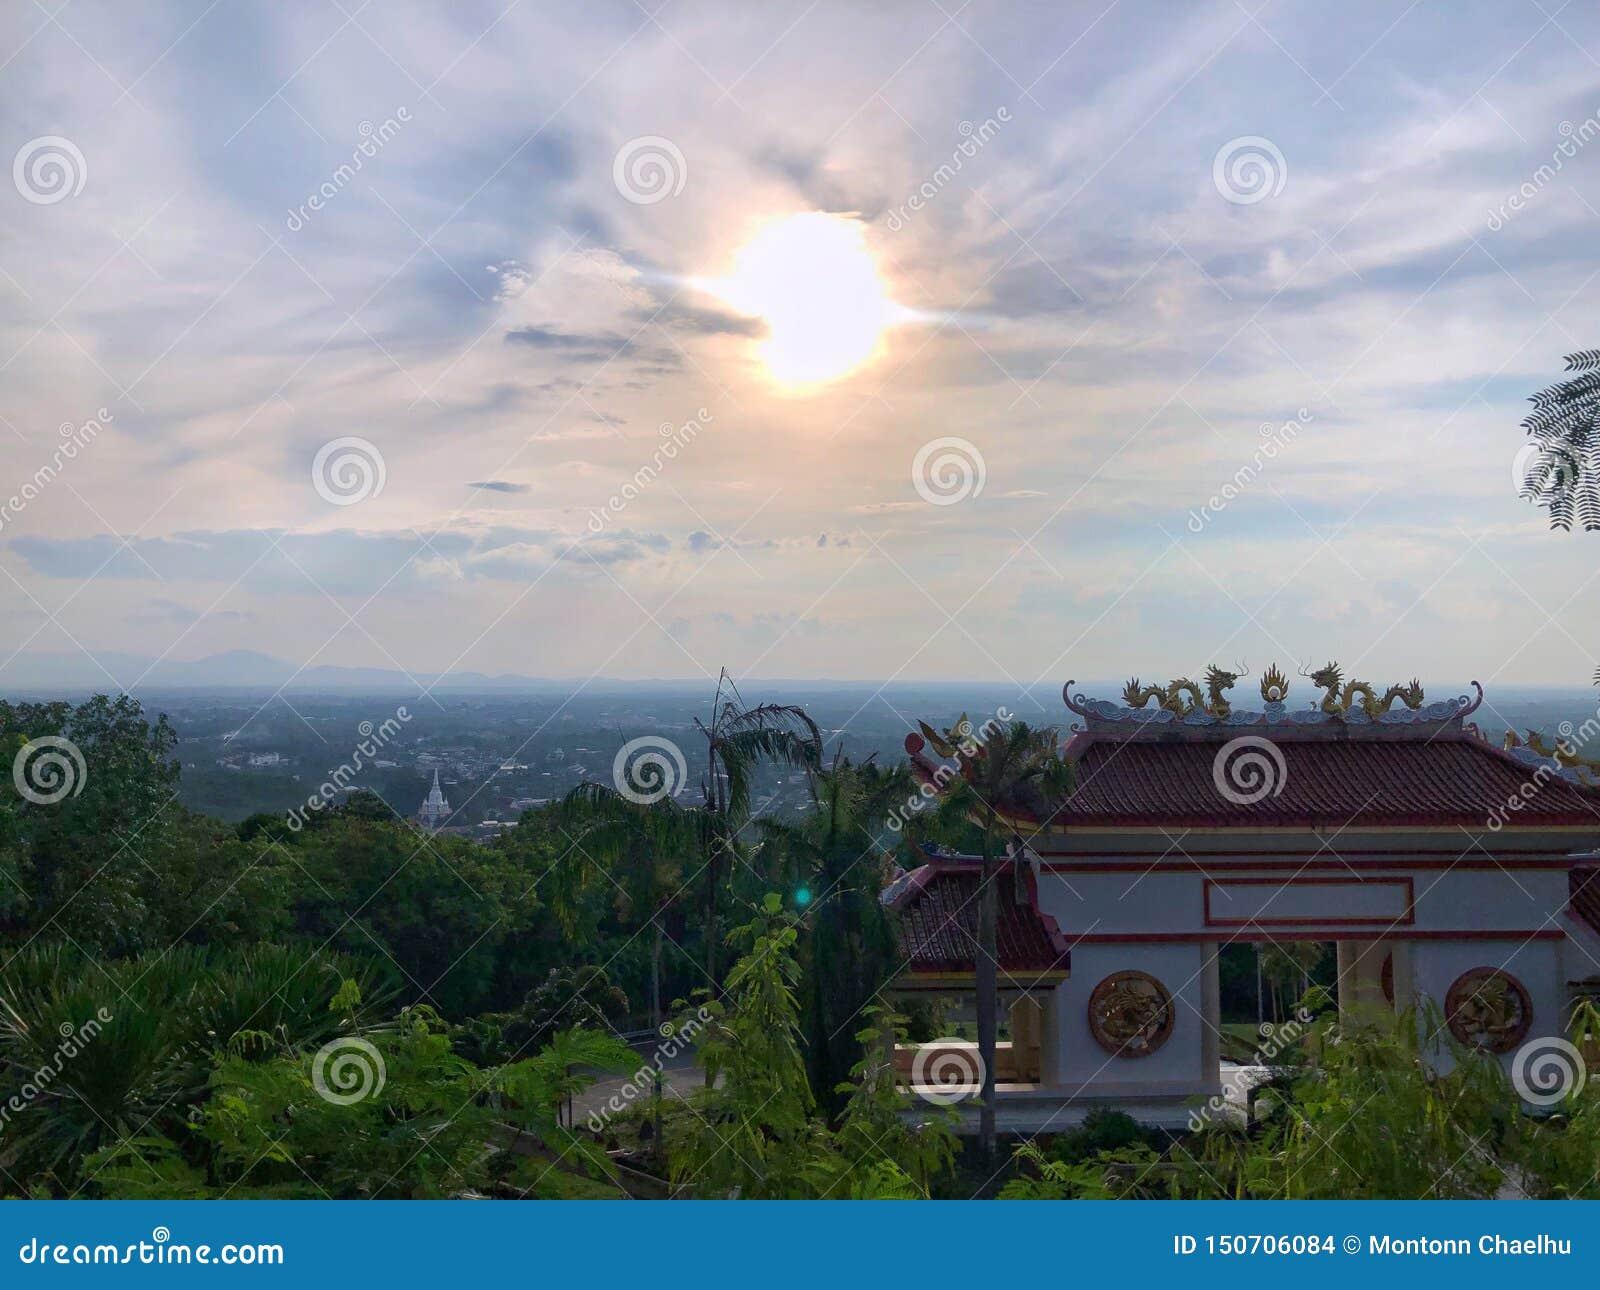 Vectorillustratie, grappige Aap chimpanzeeLandscape van hoge mening met blauwe hemel